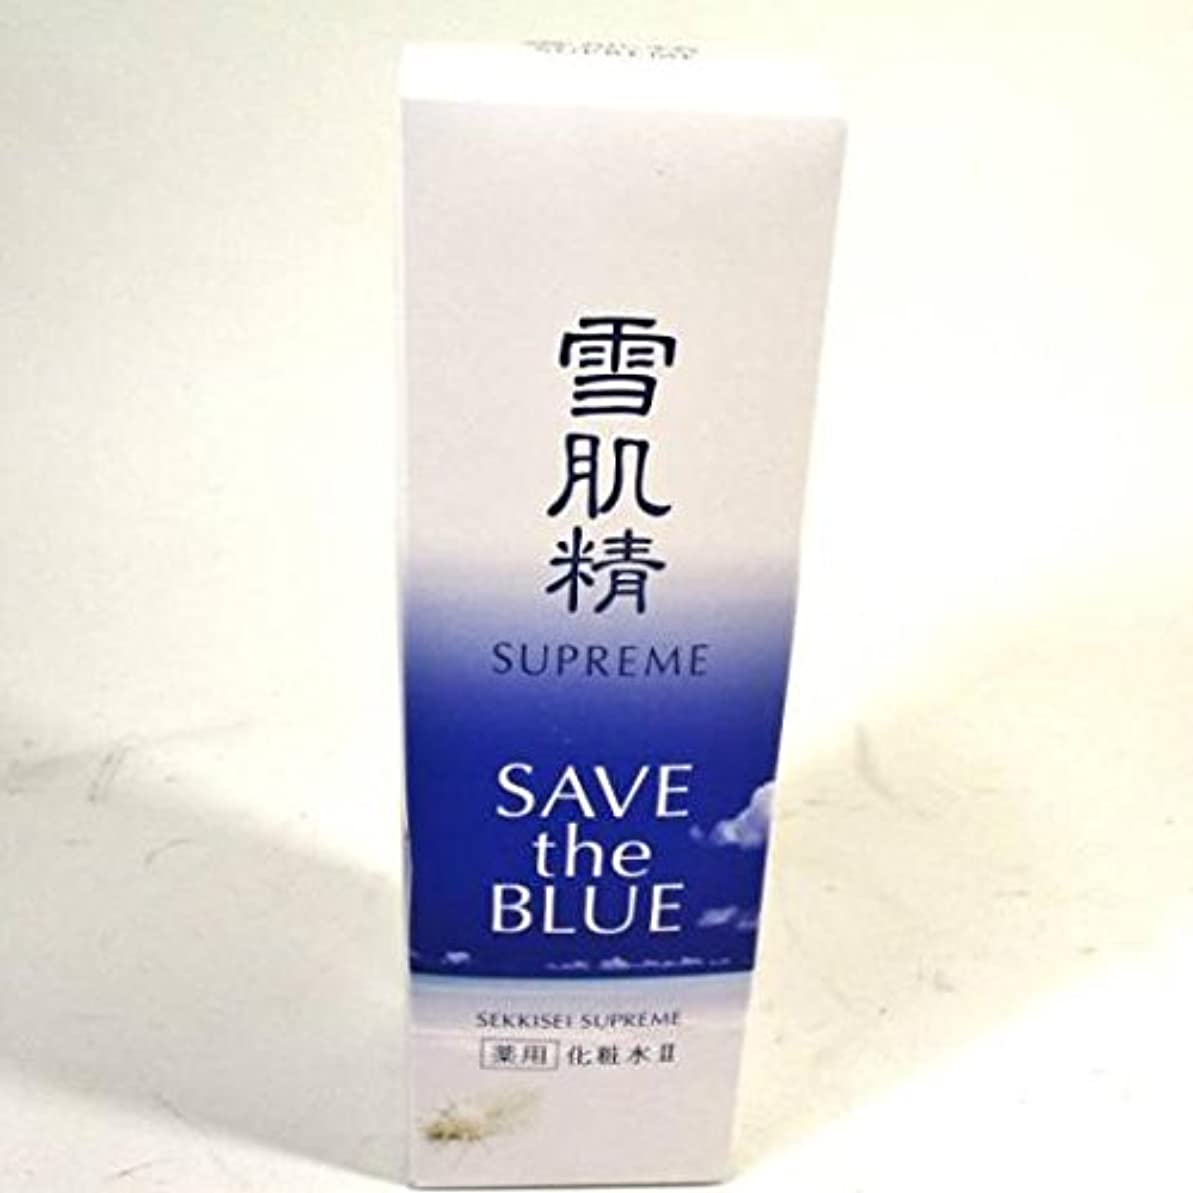 百万下るびんコーセー 雪肌精 シュープレム 化粧水 Ⅱ 「SAVE the BLUE」 400ml